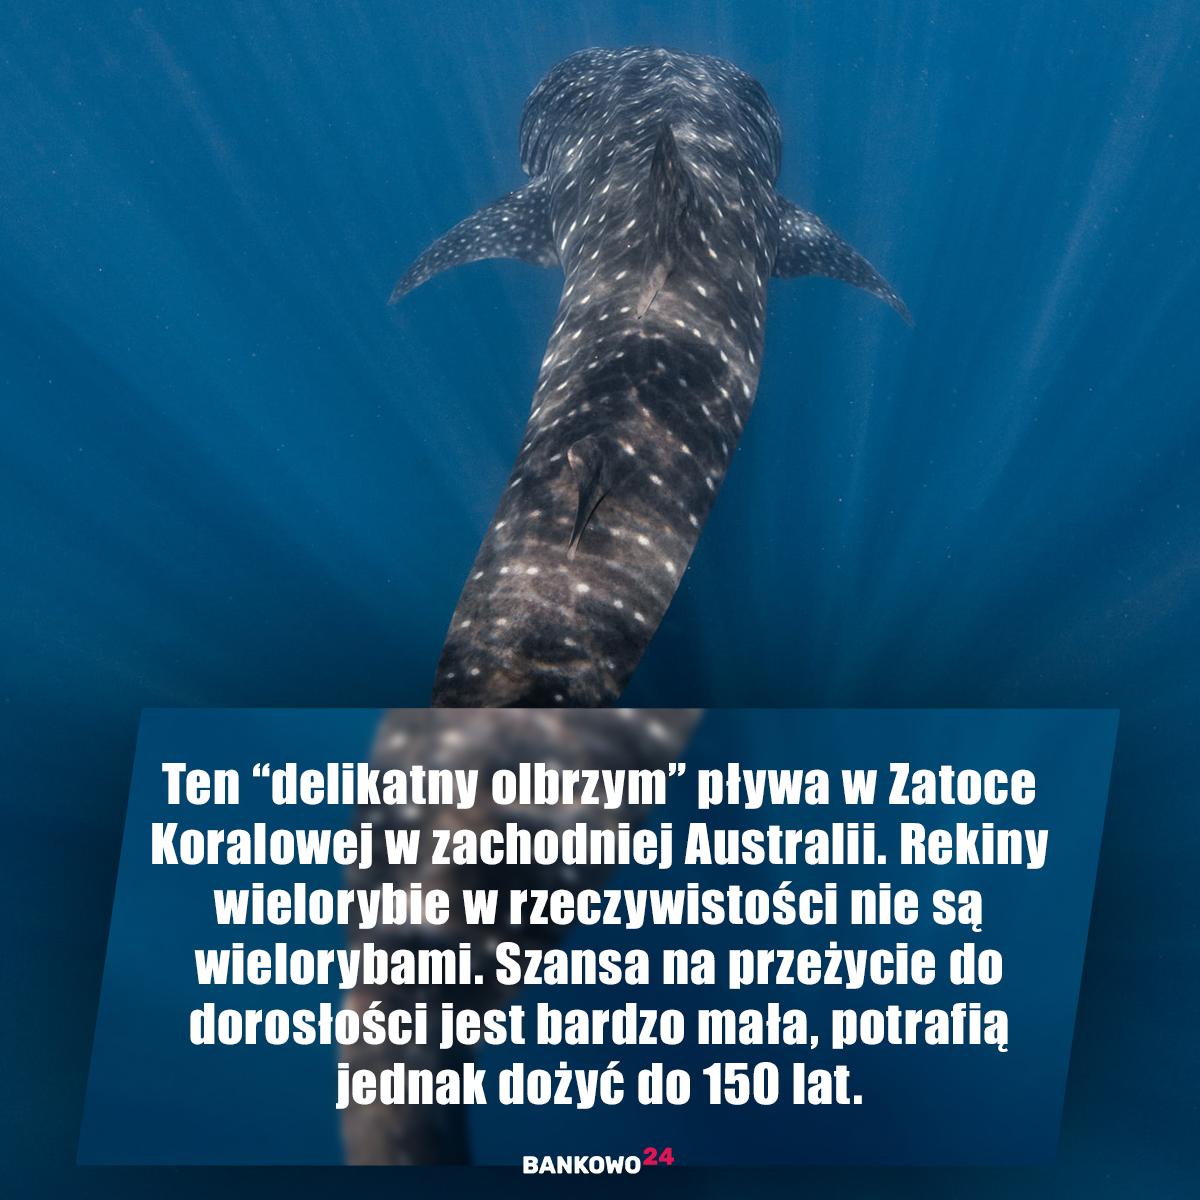 """Ten """"delikatny olbrzym"""" pływa w Zatoce Koralowej w zachodniej Australii. Rekiny wielorybie w rzeczywistości nie są wielorybami. Szansa na przeżycie do dorosłości jest bardzo mała, potrafią jednak dożyć do 150 lat."""